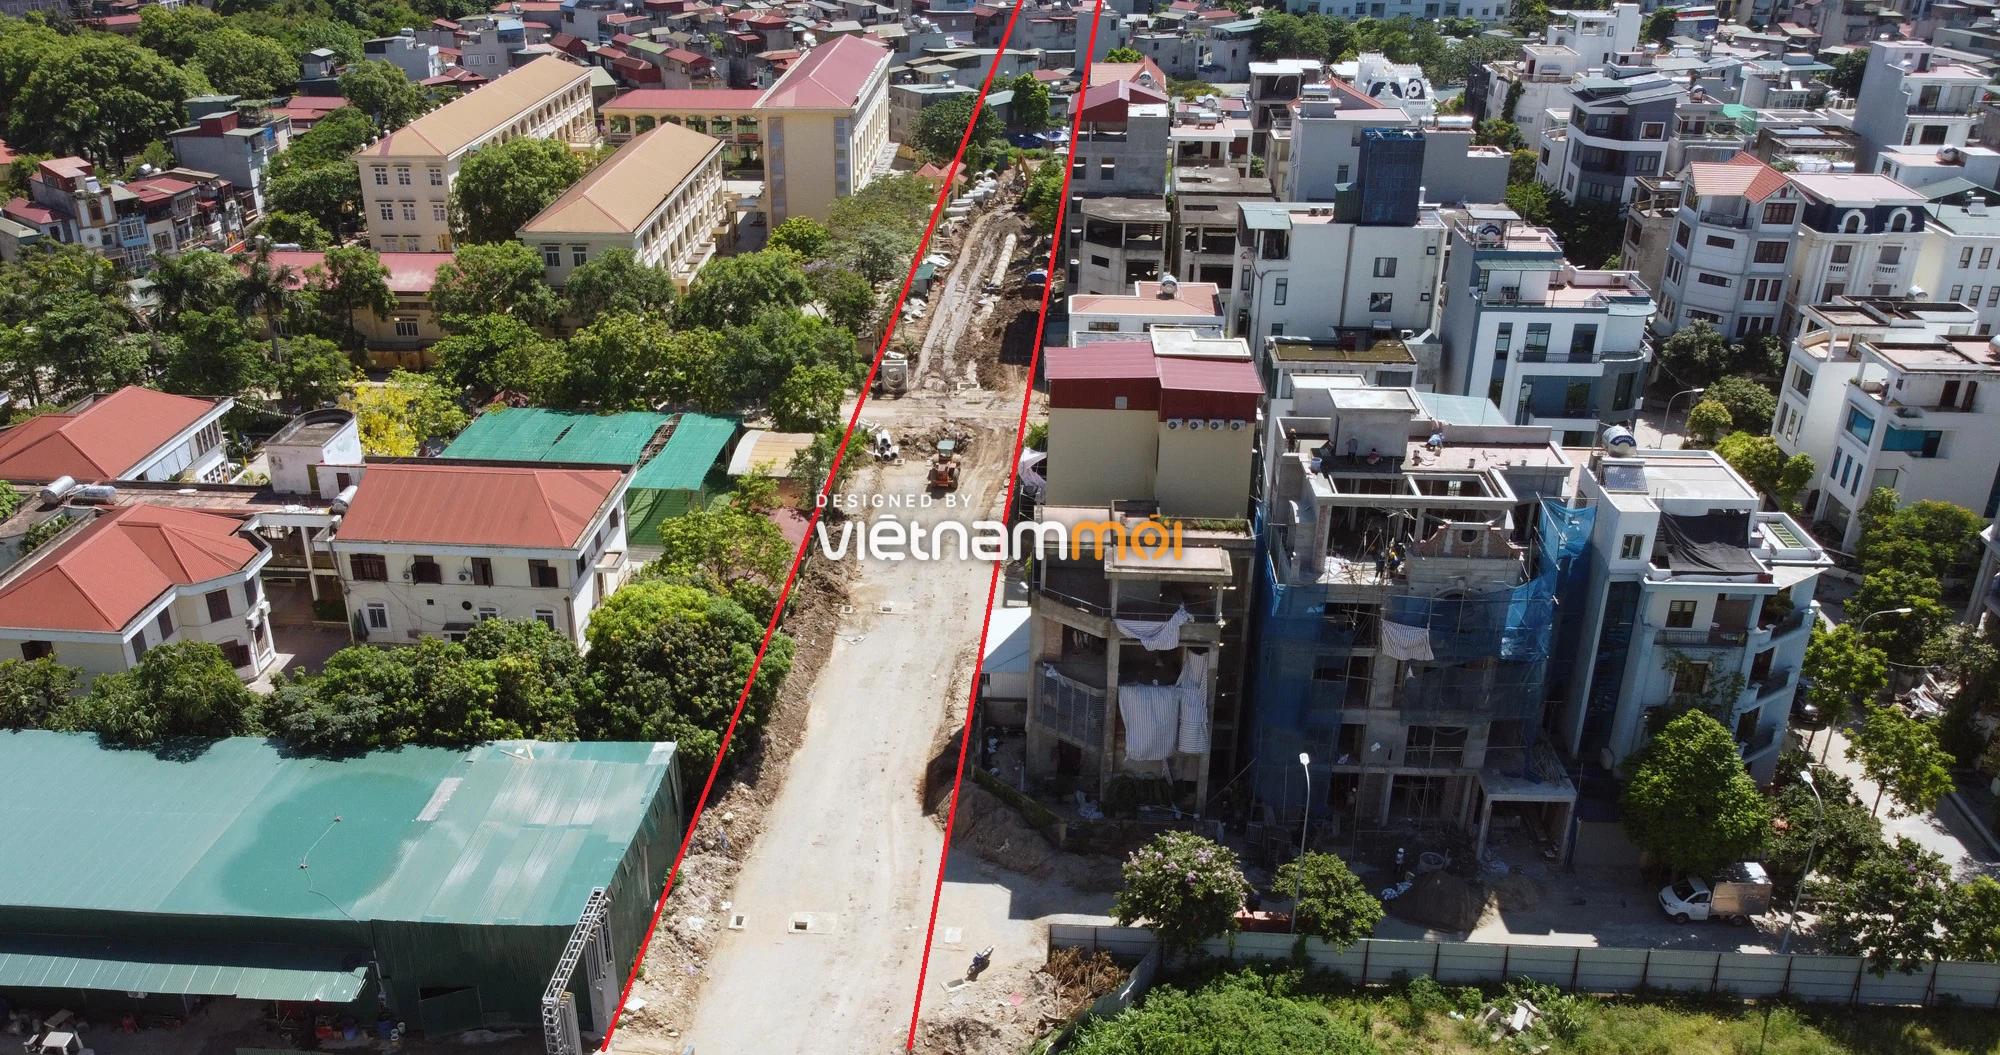 Toàn cảnh tuyến đường vào cụm ba trường Thanh Xuân Nam đang mở theo quy hoạch ở Hà Nội - Ảnh 13.